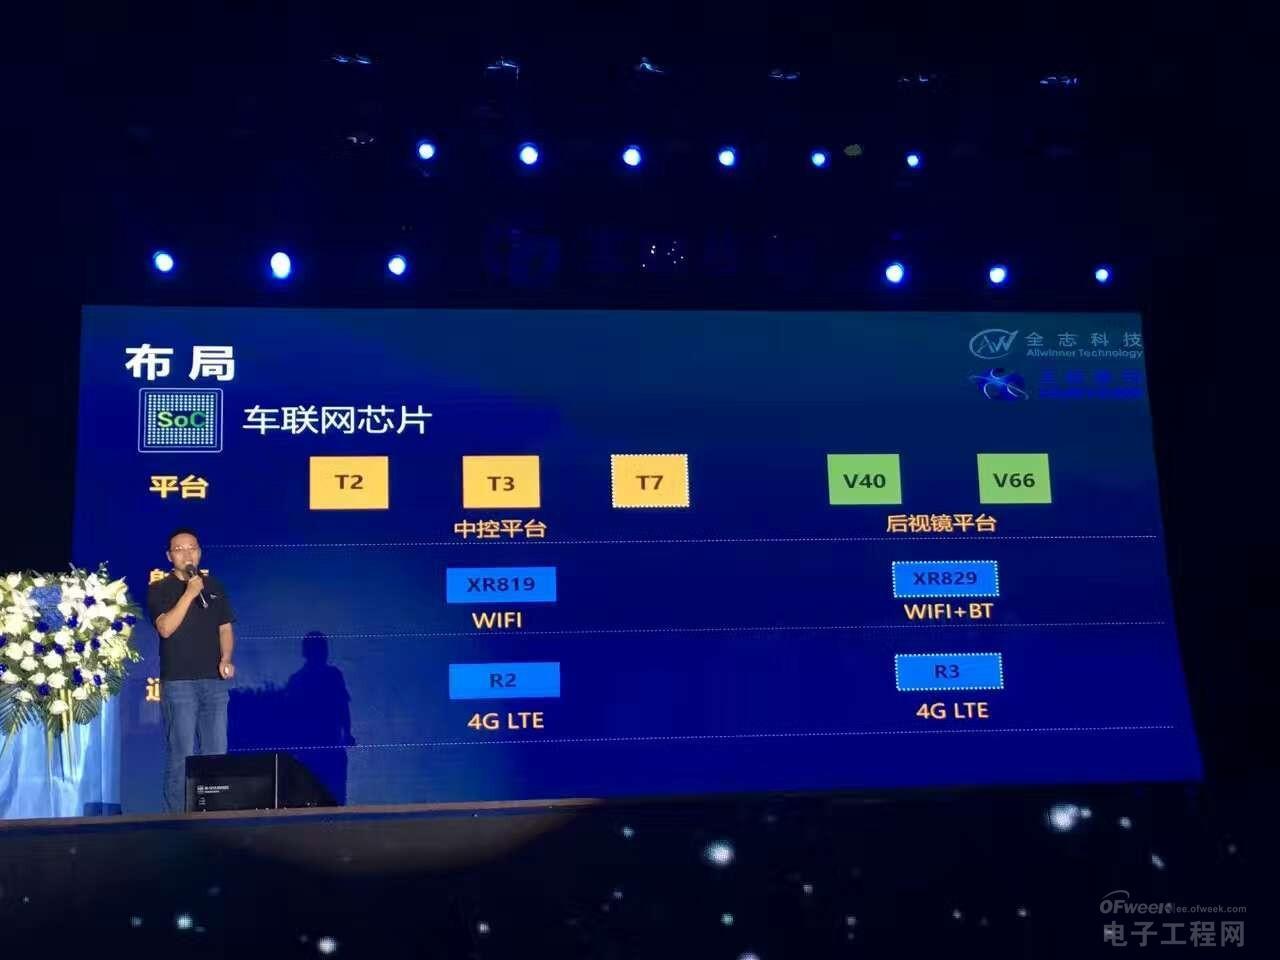 互联移动发布8寸4G智能云镜系列 全志V66再下一城